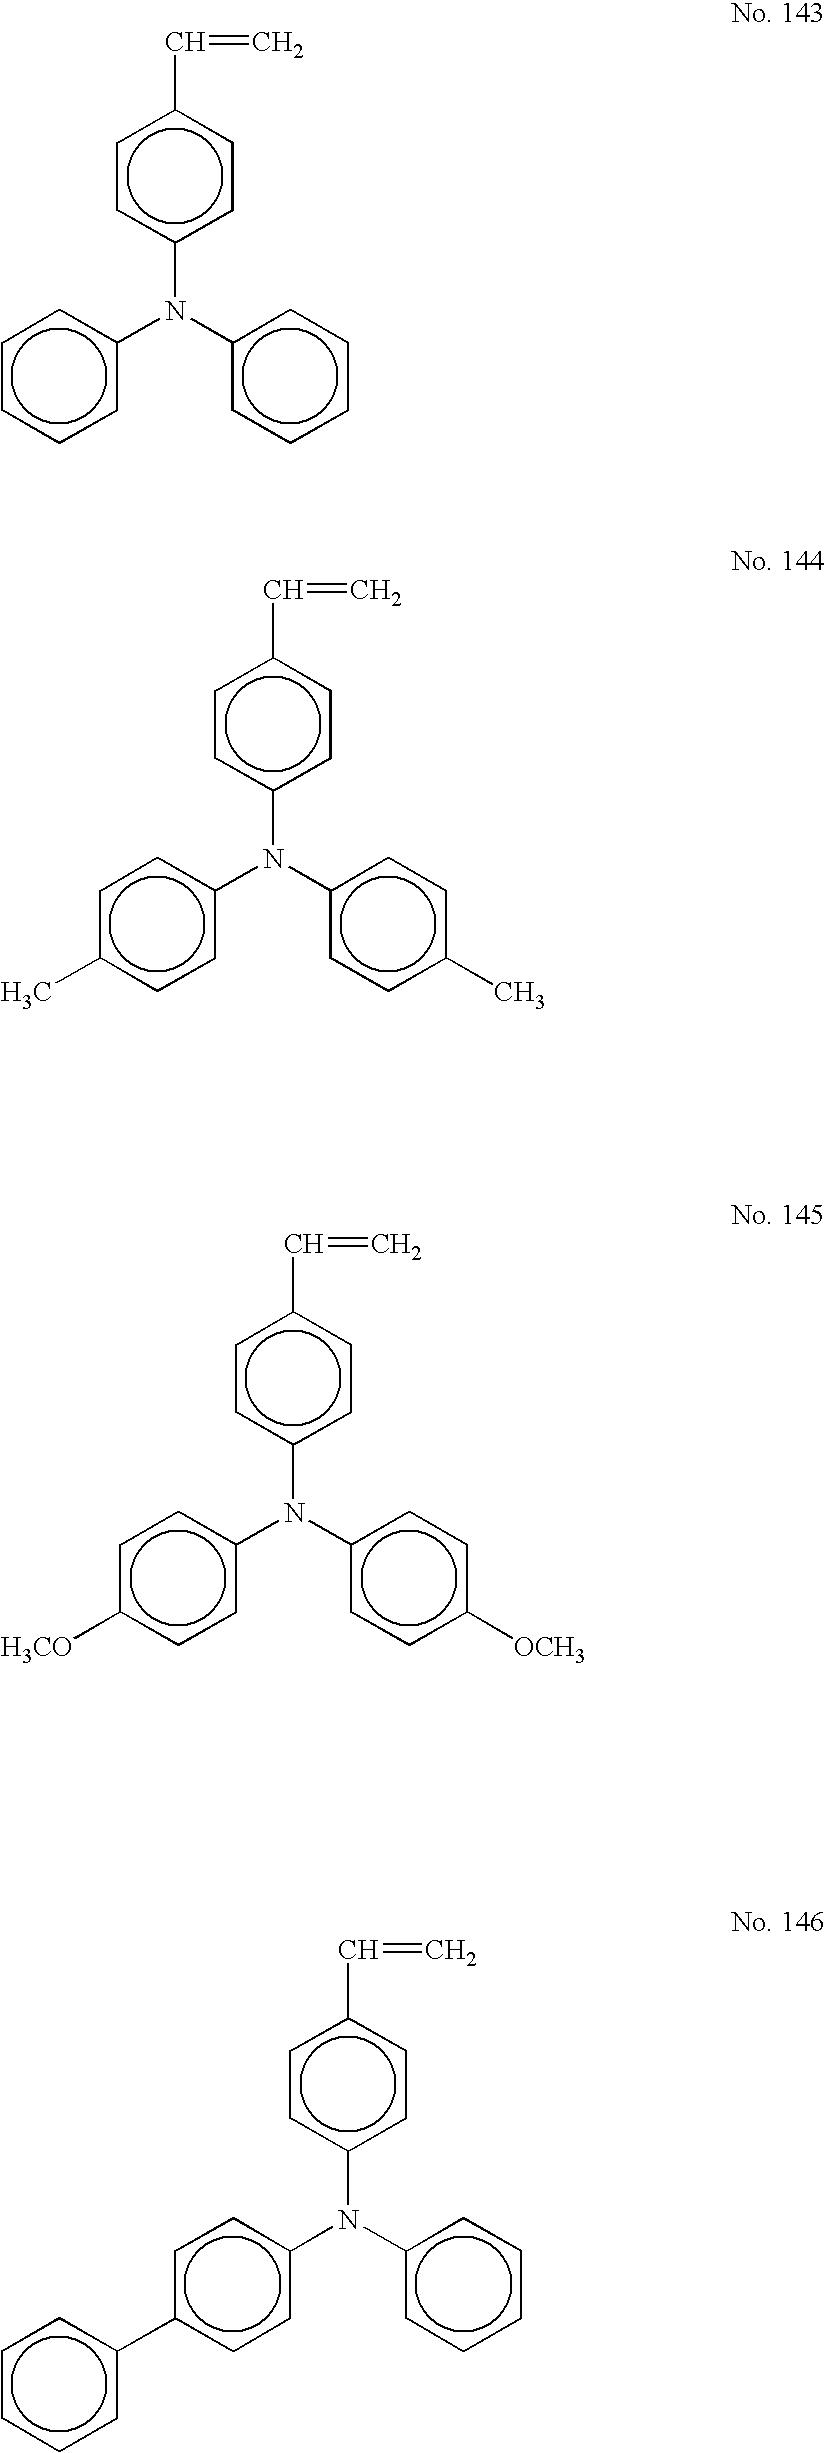 Figure US20040253527A1-20041216-C00062